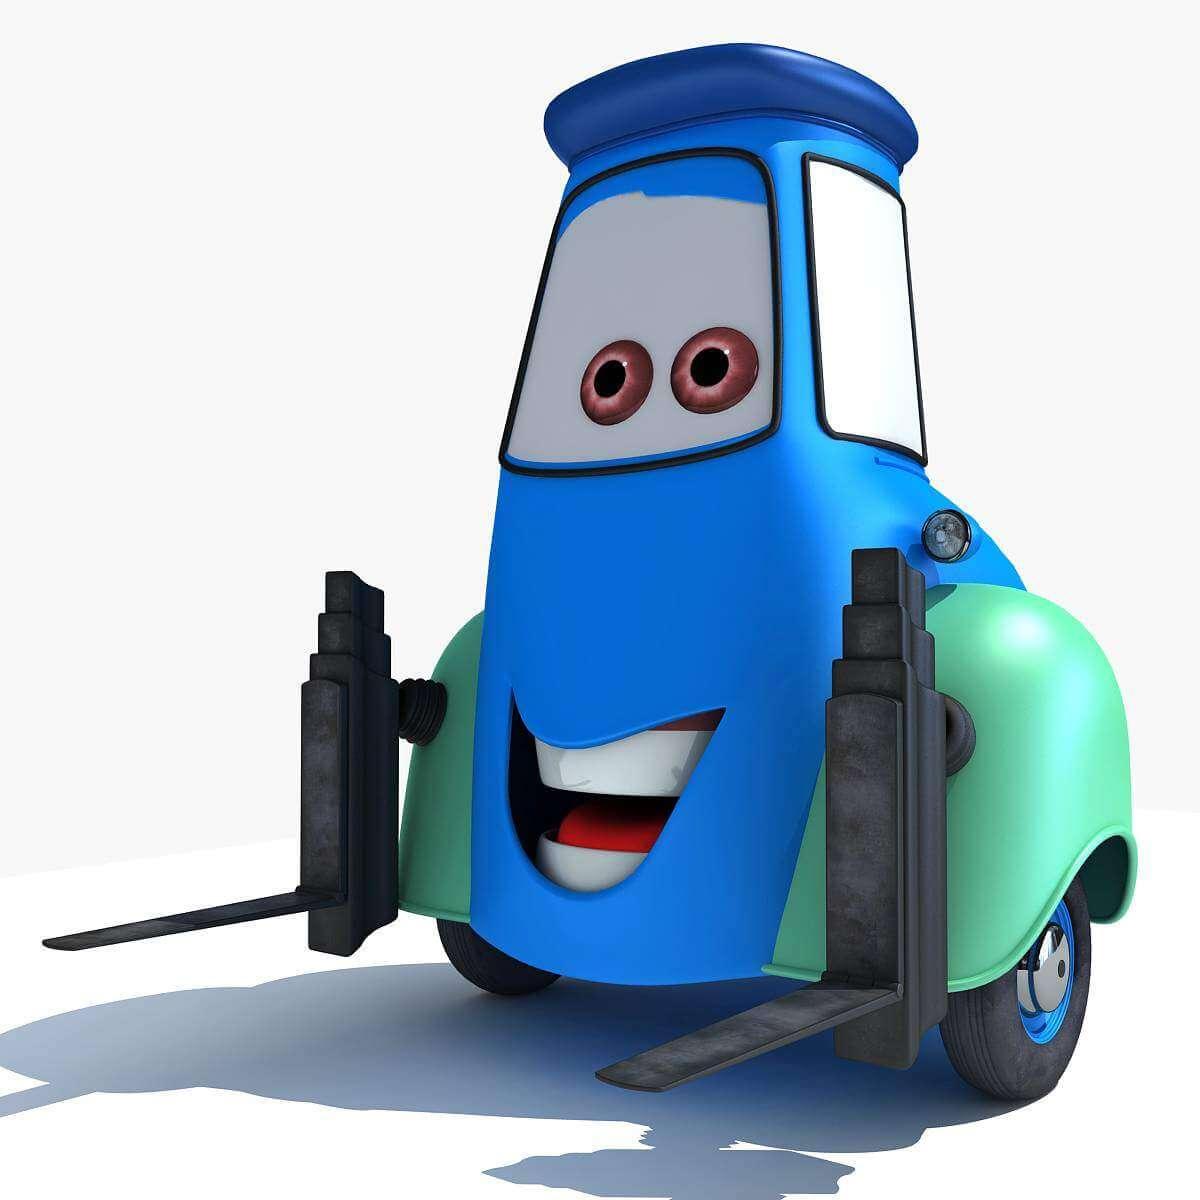 Disney Pixar Cars 2 Characters 3d Model